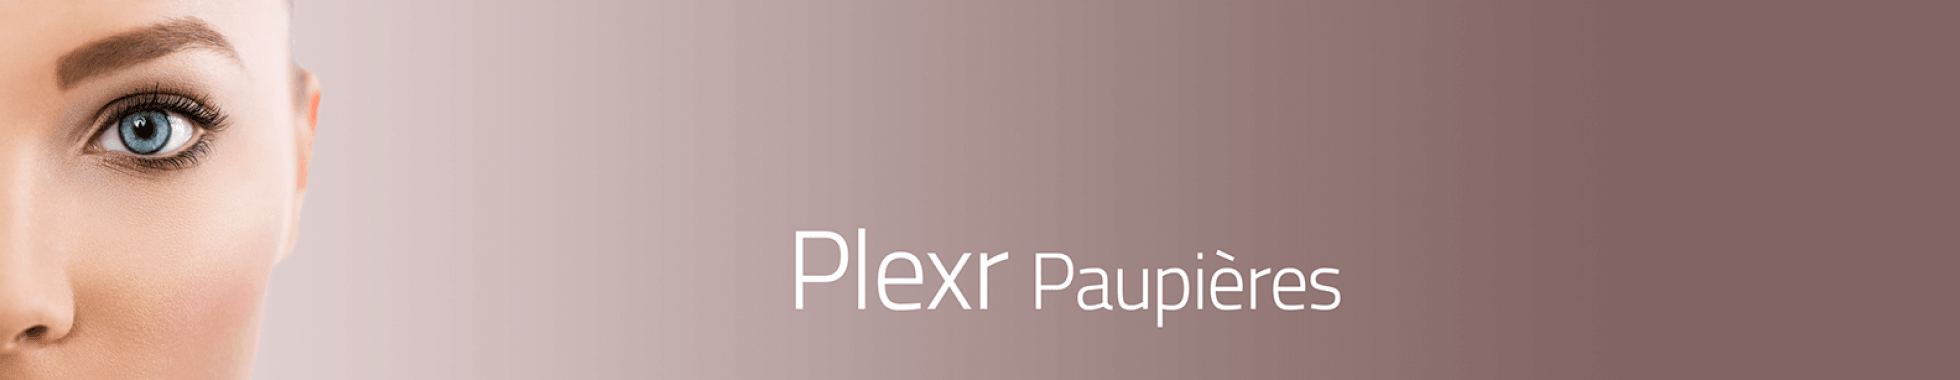 Traitement des paupières par PLEXR à Aix-en-Provence